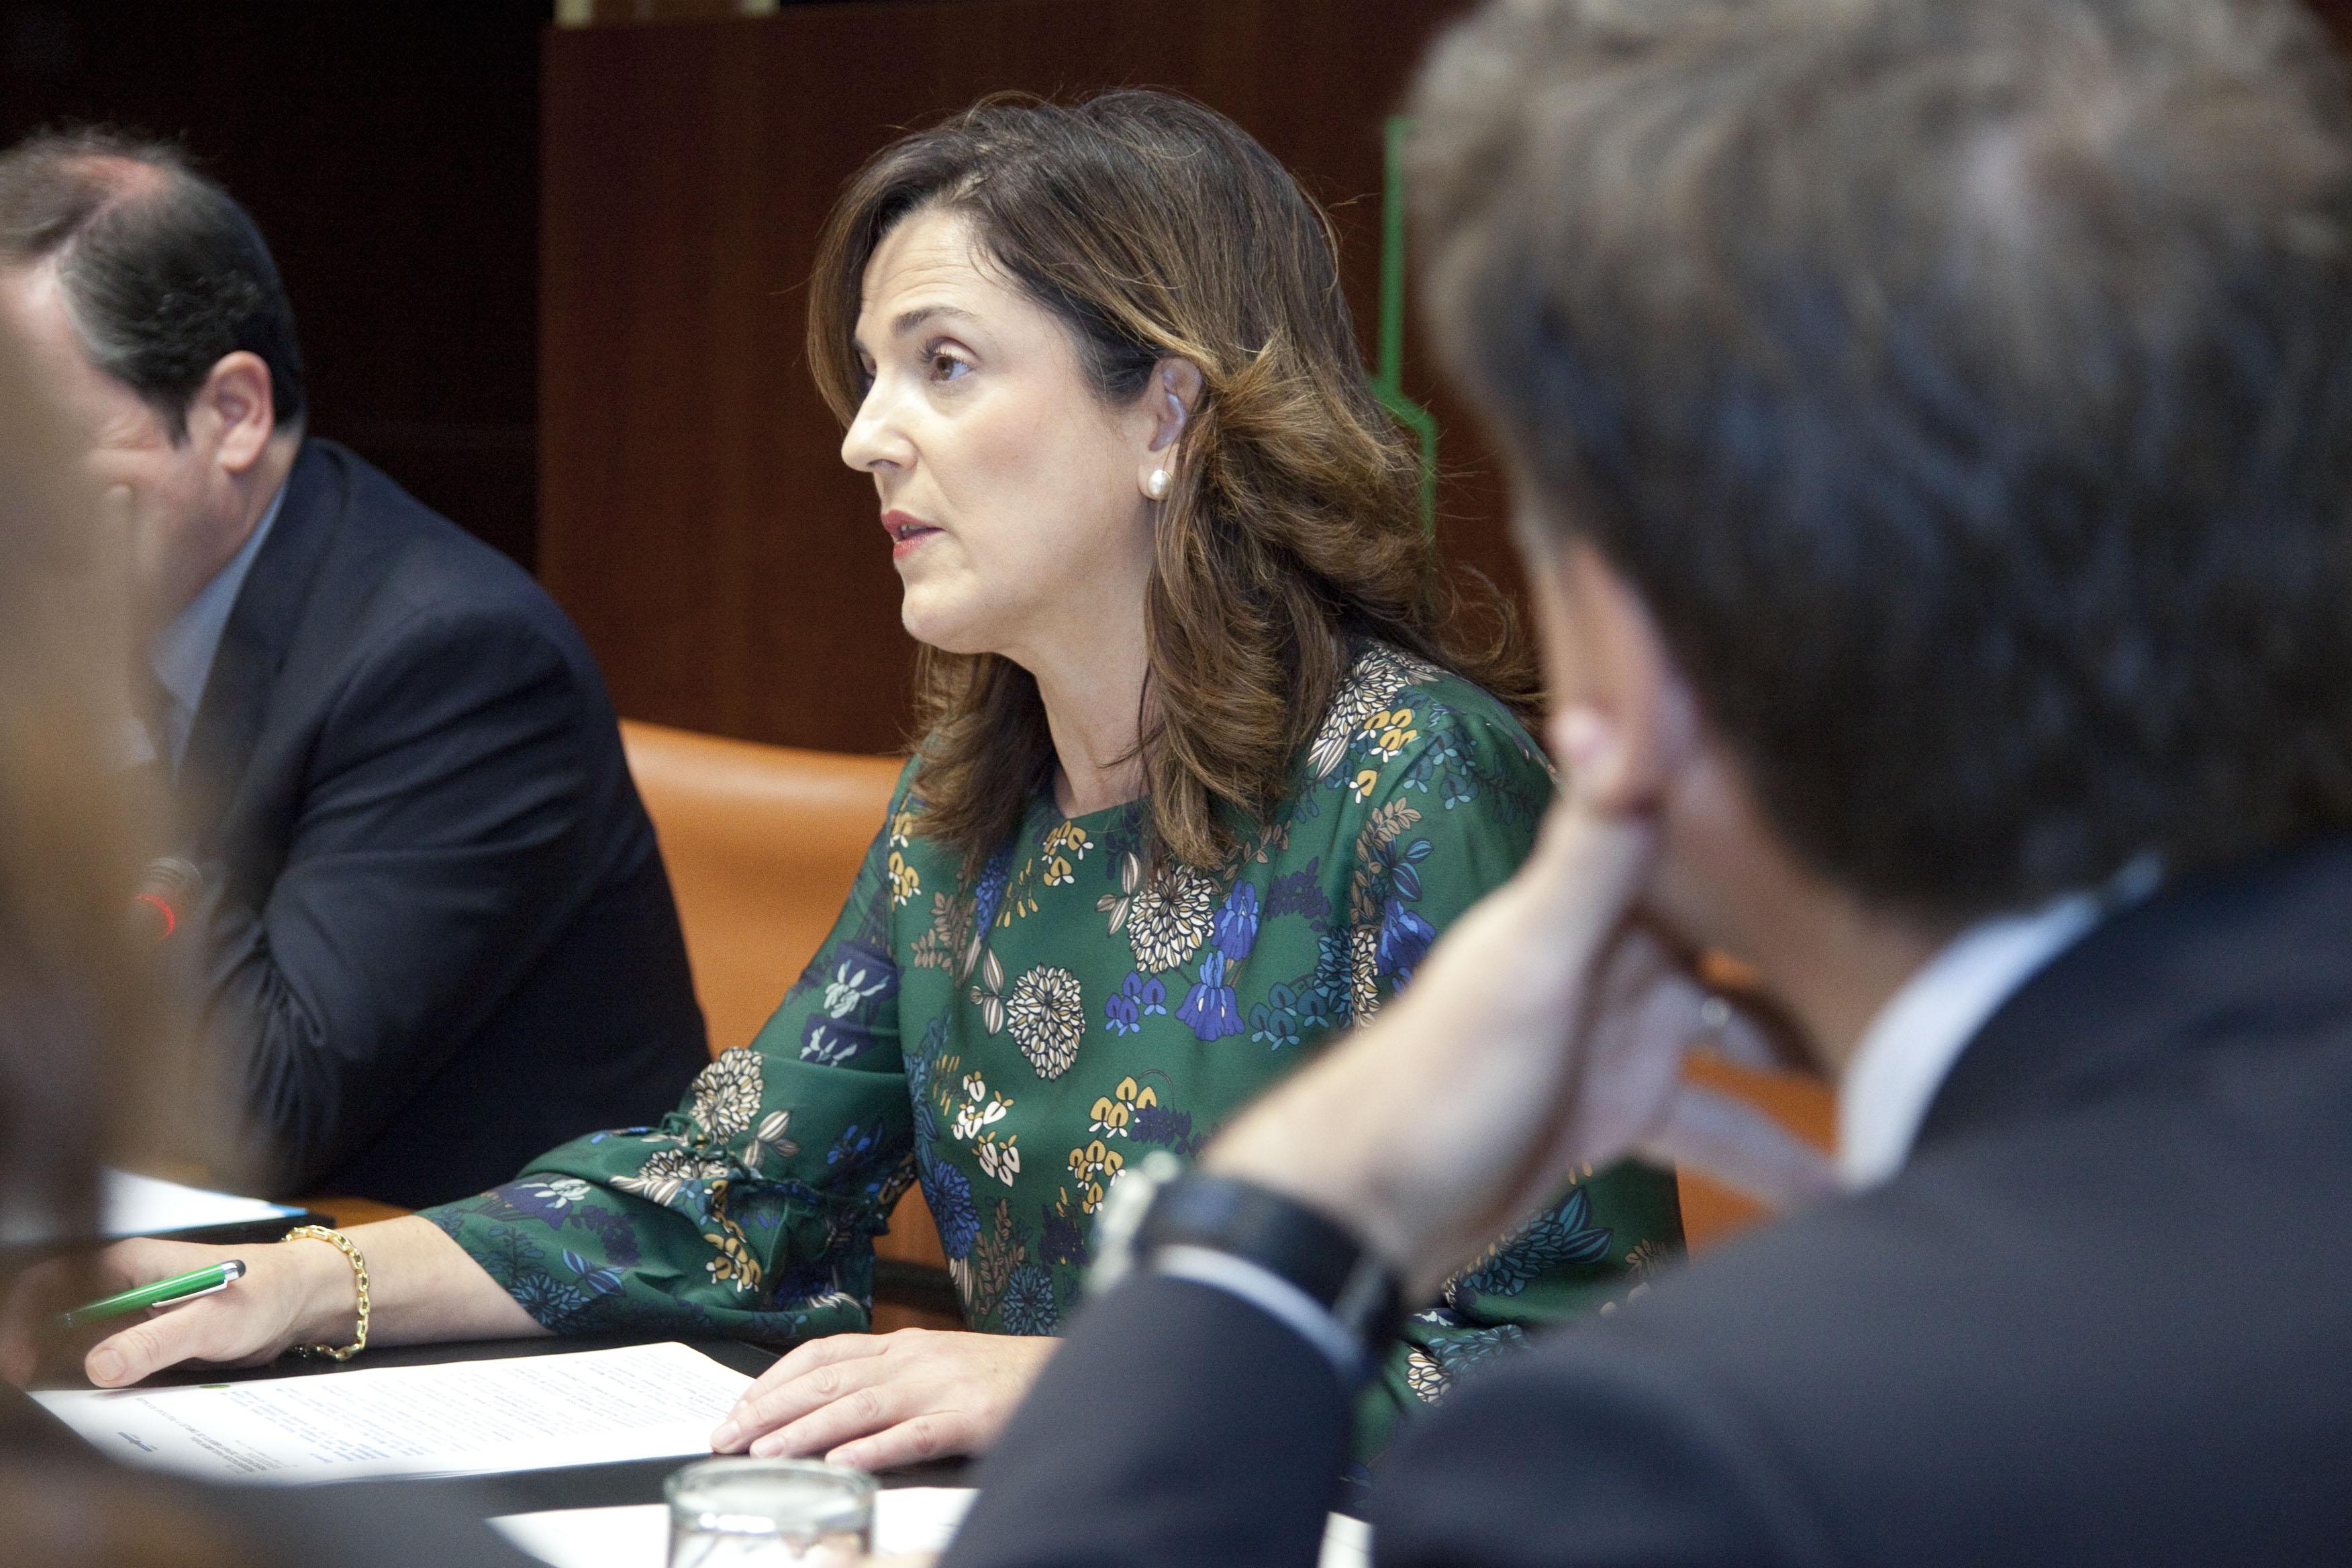 El departamento de Empleo y Políticas Sociales invertirá 1.020.161.381 euros el año próximo centrado en la promoción de empleo, cohesión social y apoyo a familias